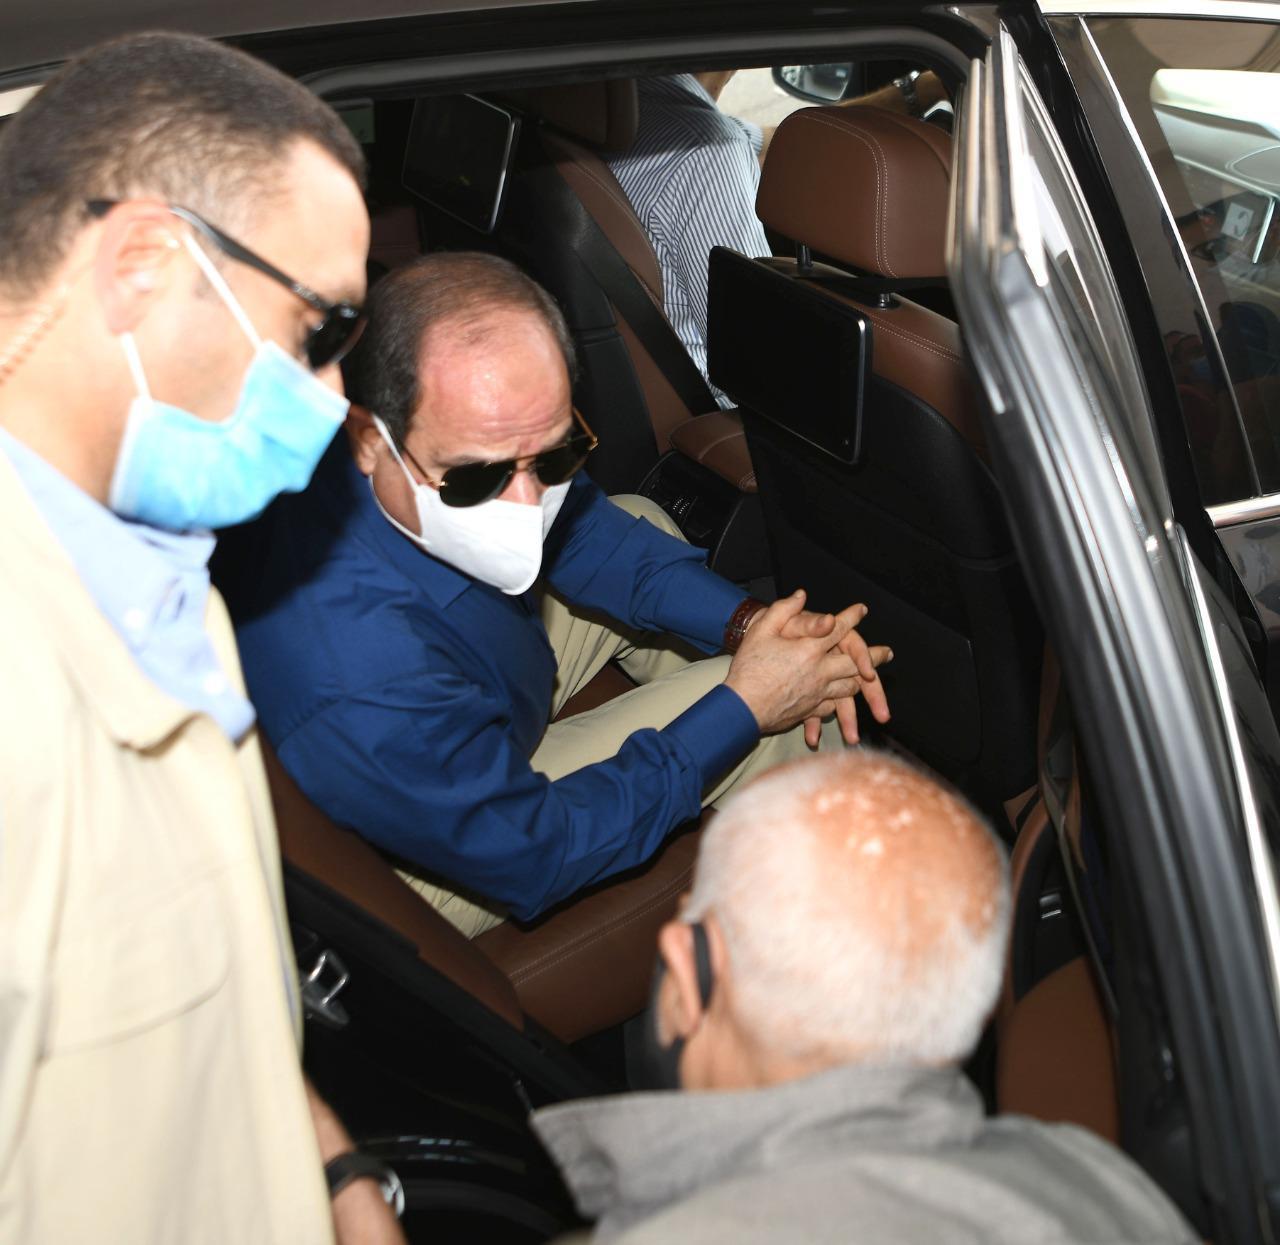 الرئيس السيسى يتحدث مع مواطنين ويستعلم عن أحوالهم بجولته فى شرق القاهرة (4)